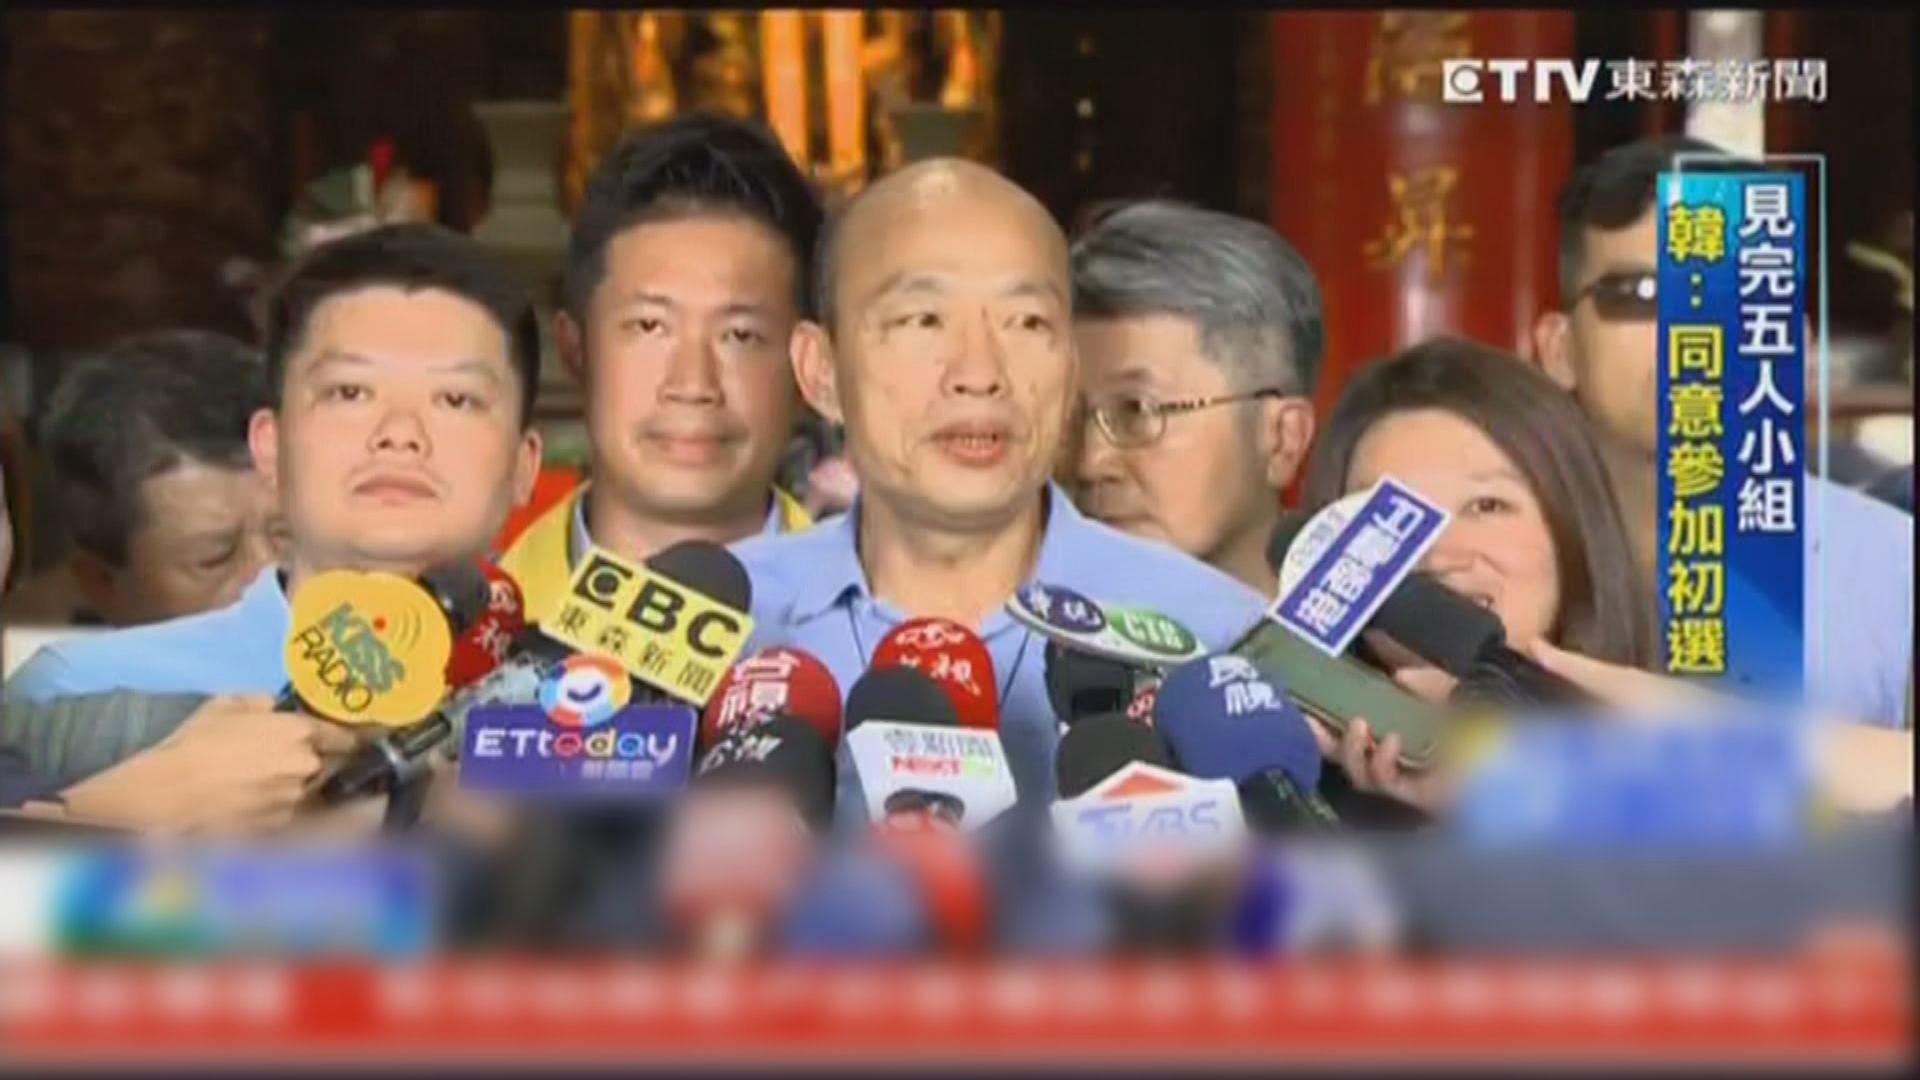 韓國瑜宣布參加國民黨總統初選